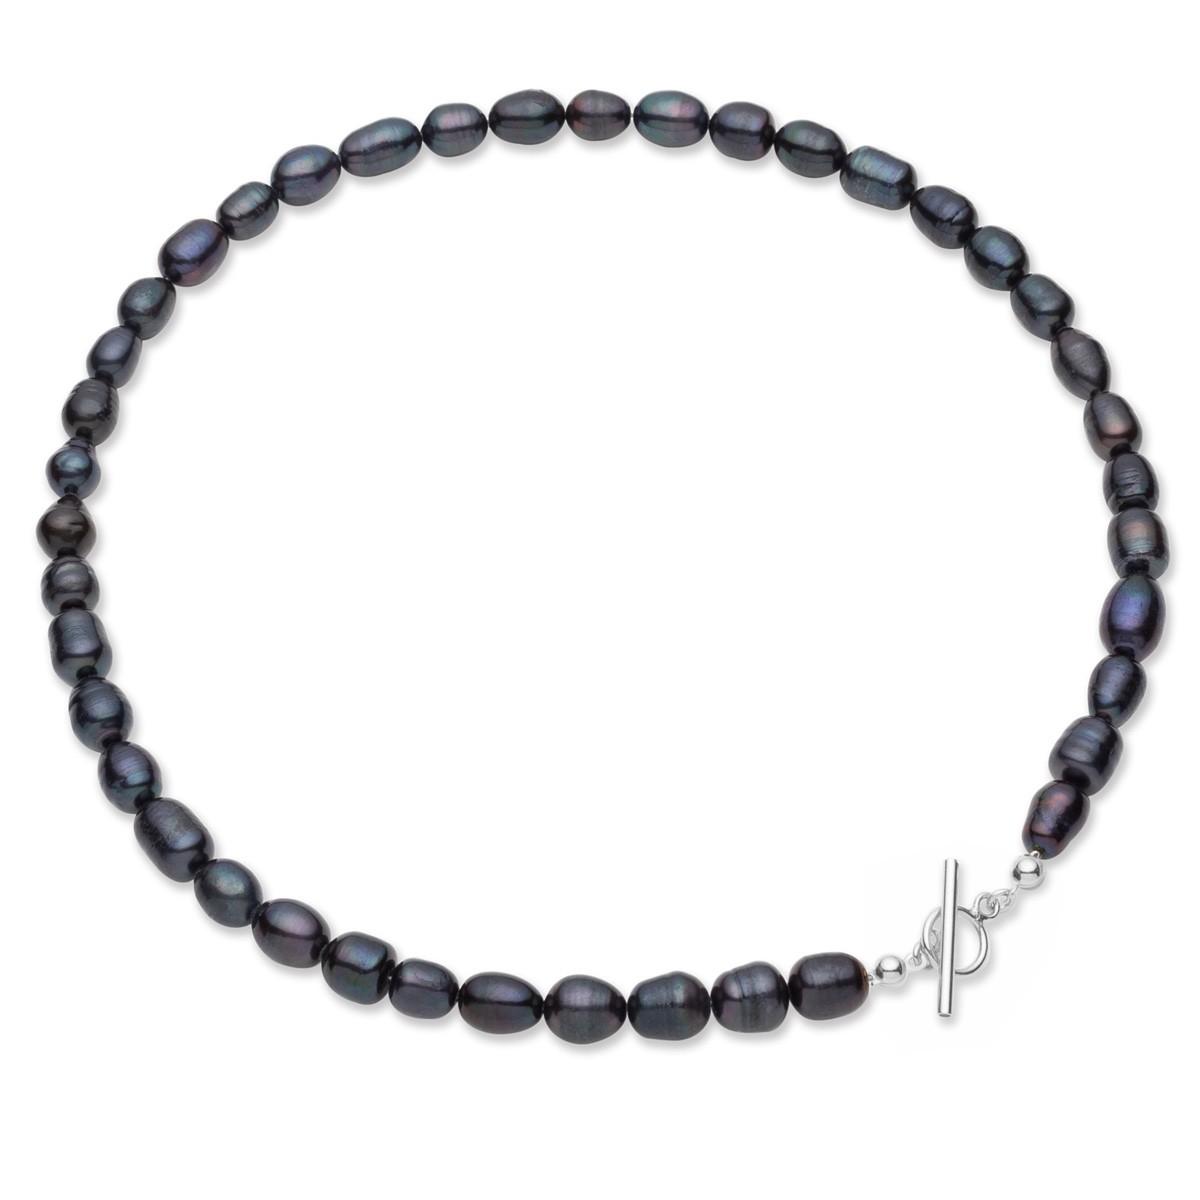 Choker z ciemnych pereł słodkowodnych, srebro 925